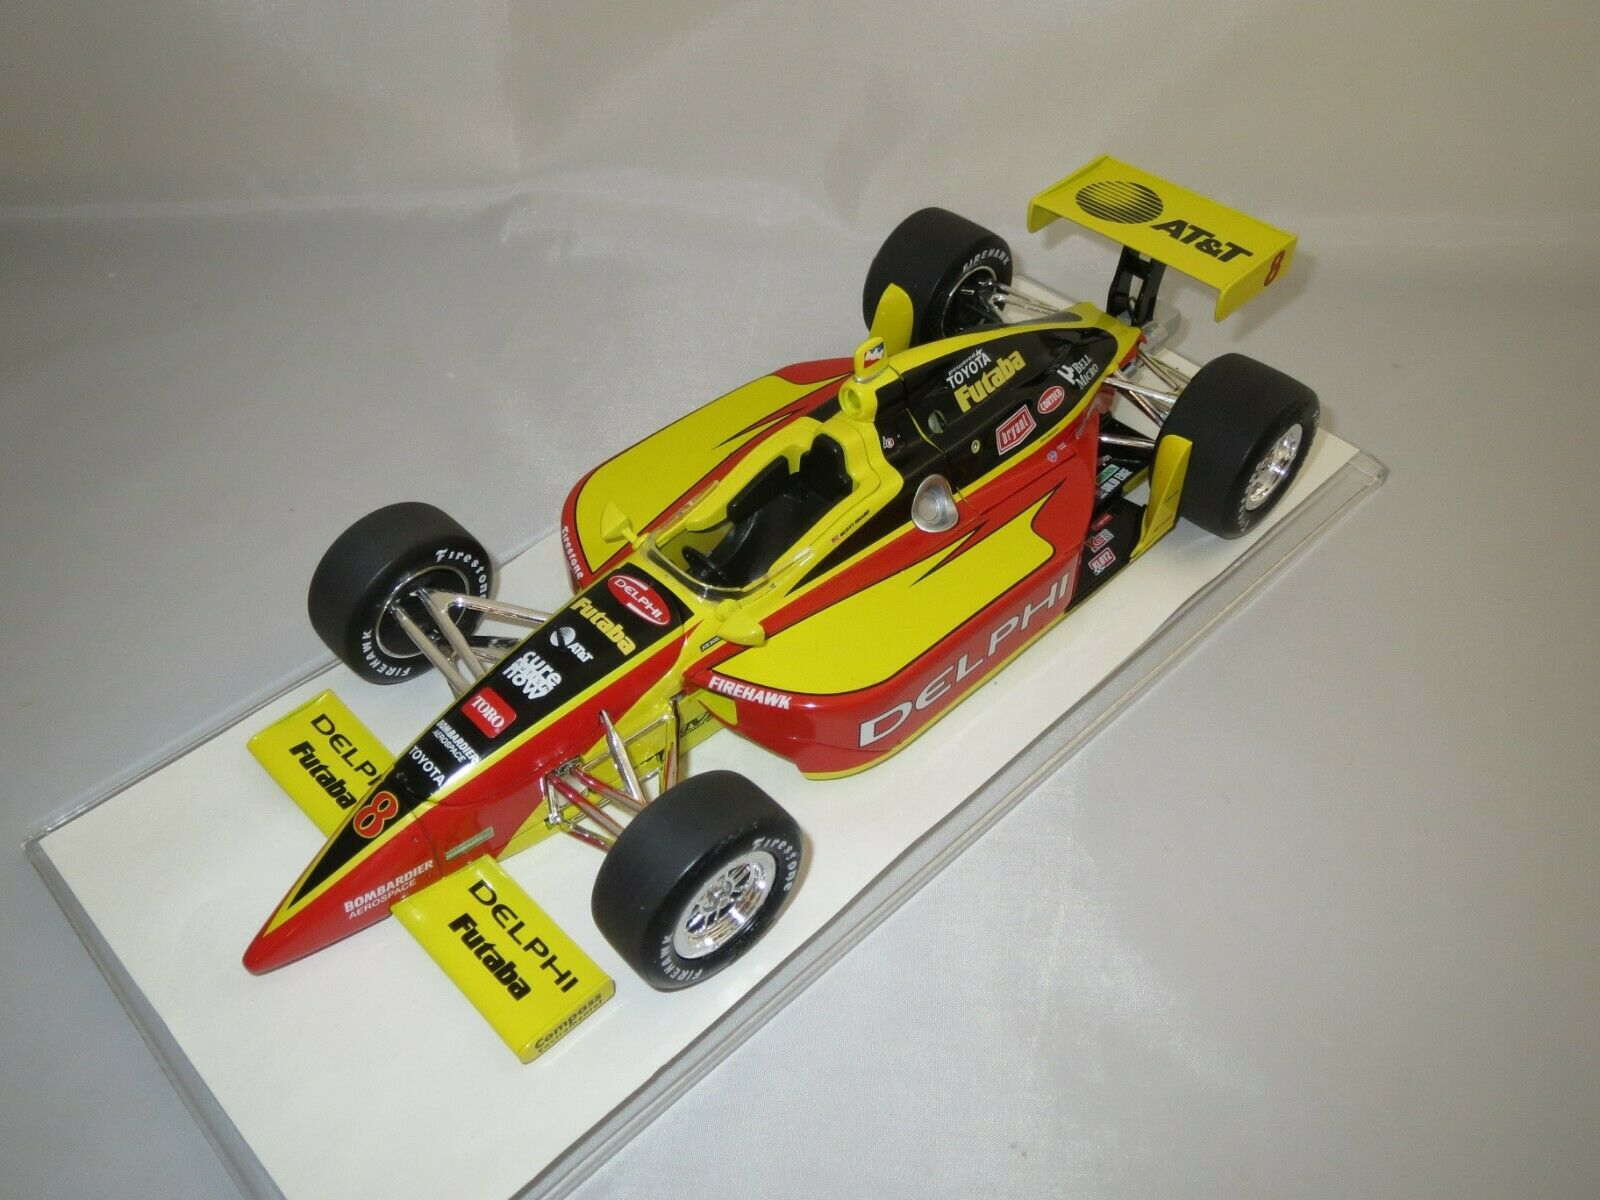 la red entera más baja Acción performance Indy Racing Coche Scott Sharp Sharp Sharp  8 Delphi  2003  dallara embalaje original   connotación de lujo discreta